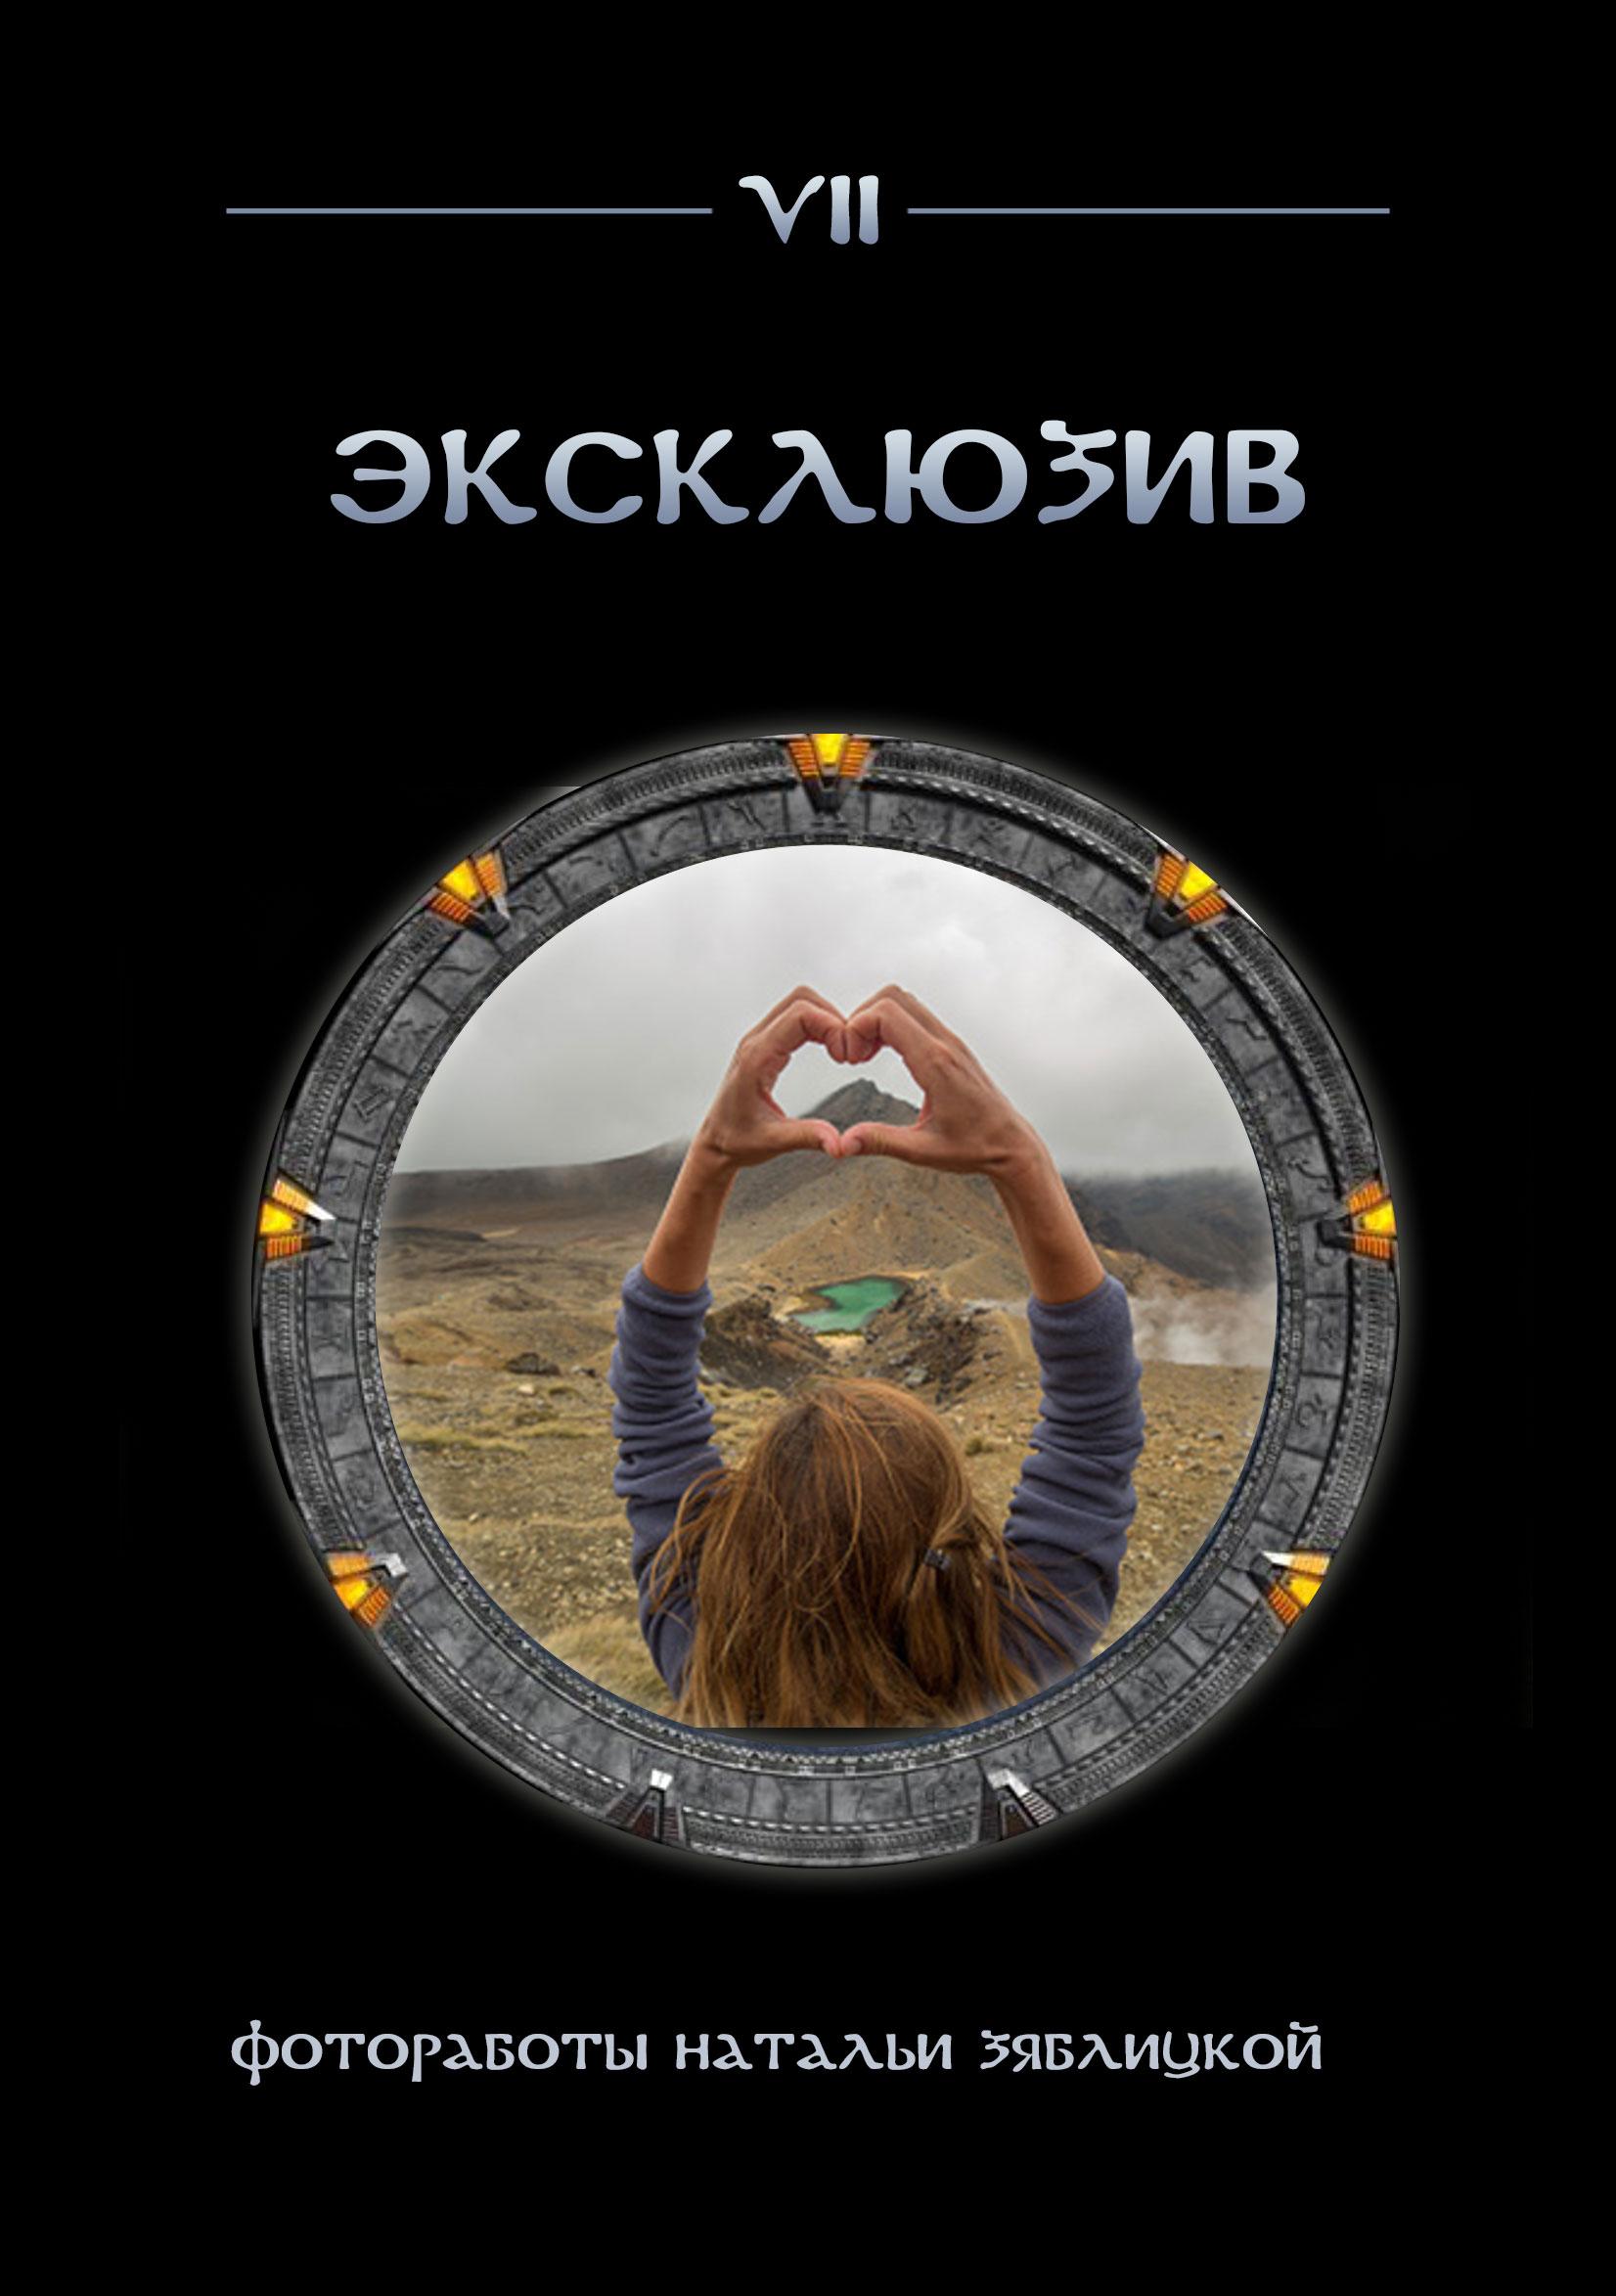 Вулкан играть на телефон Кичменгский Городок скачать Вулкан играть на телефон Альметьевск поставить приложение